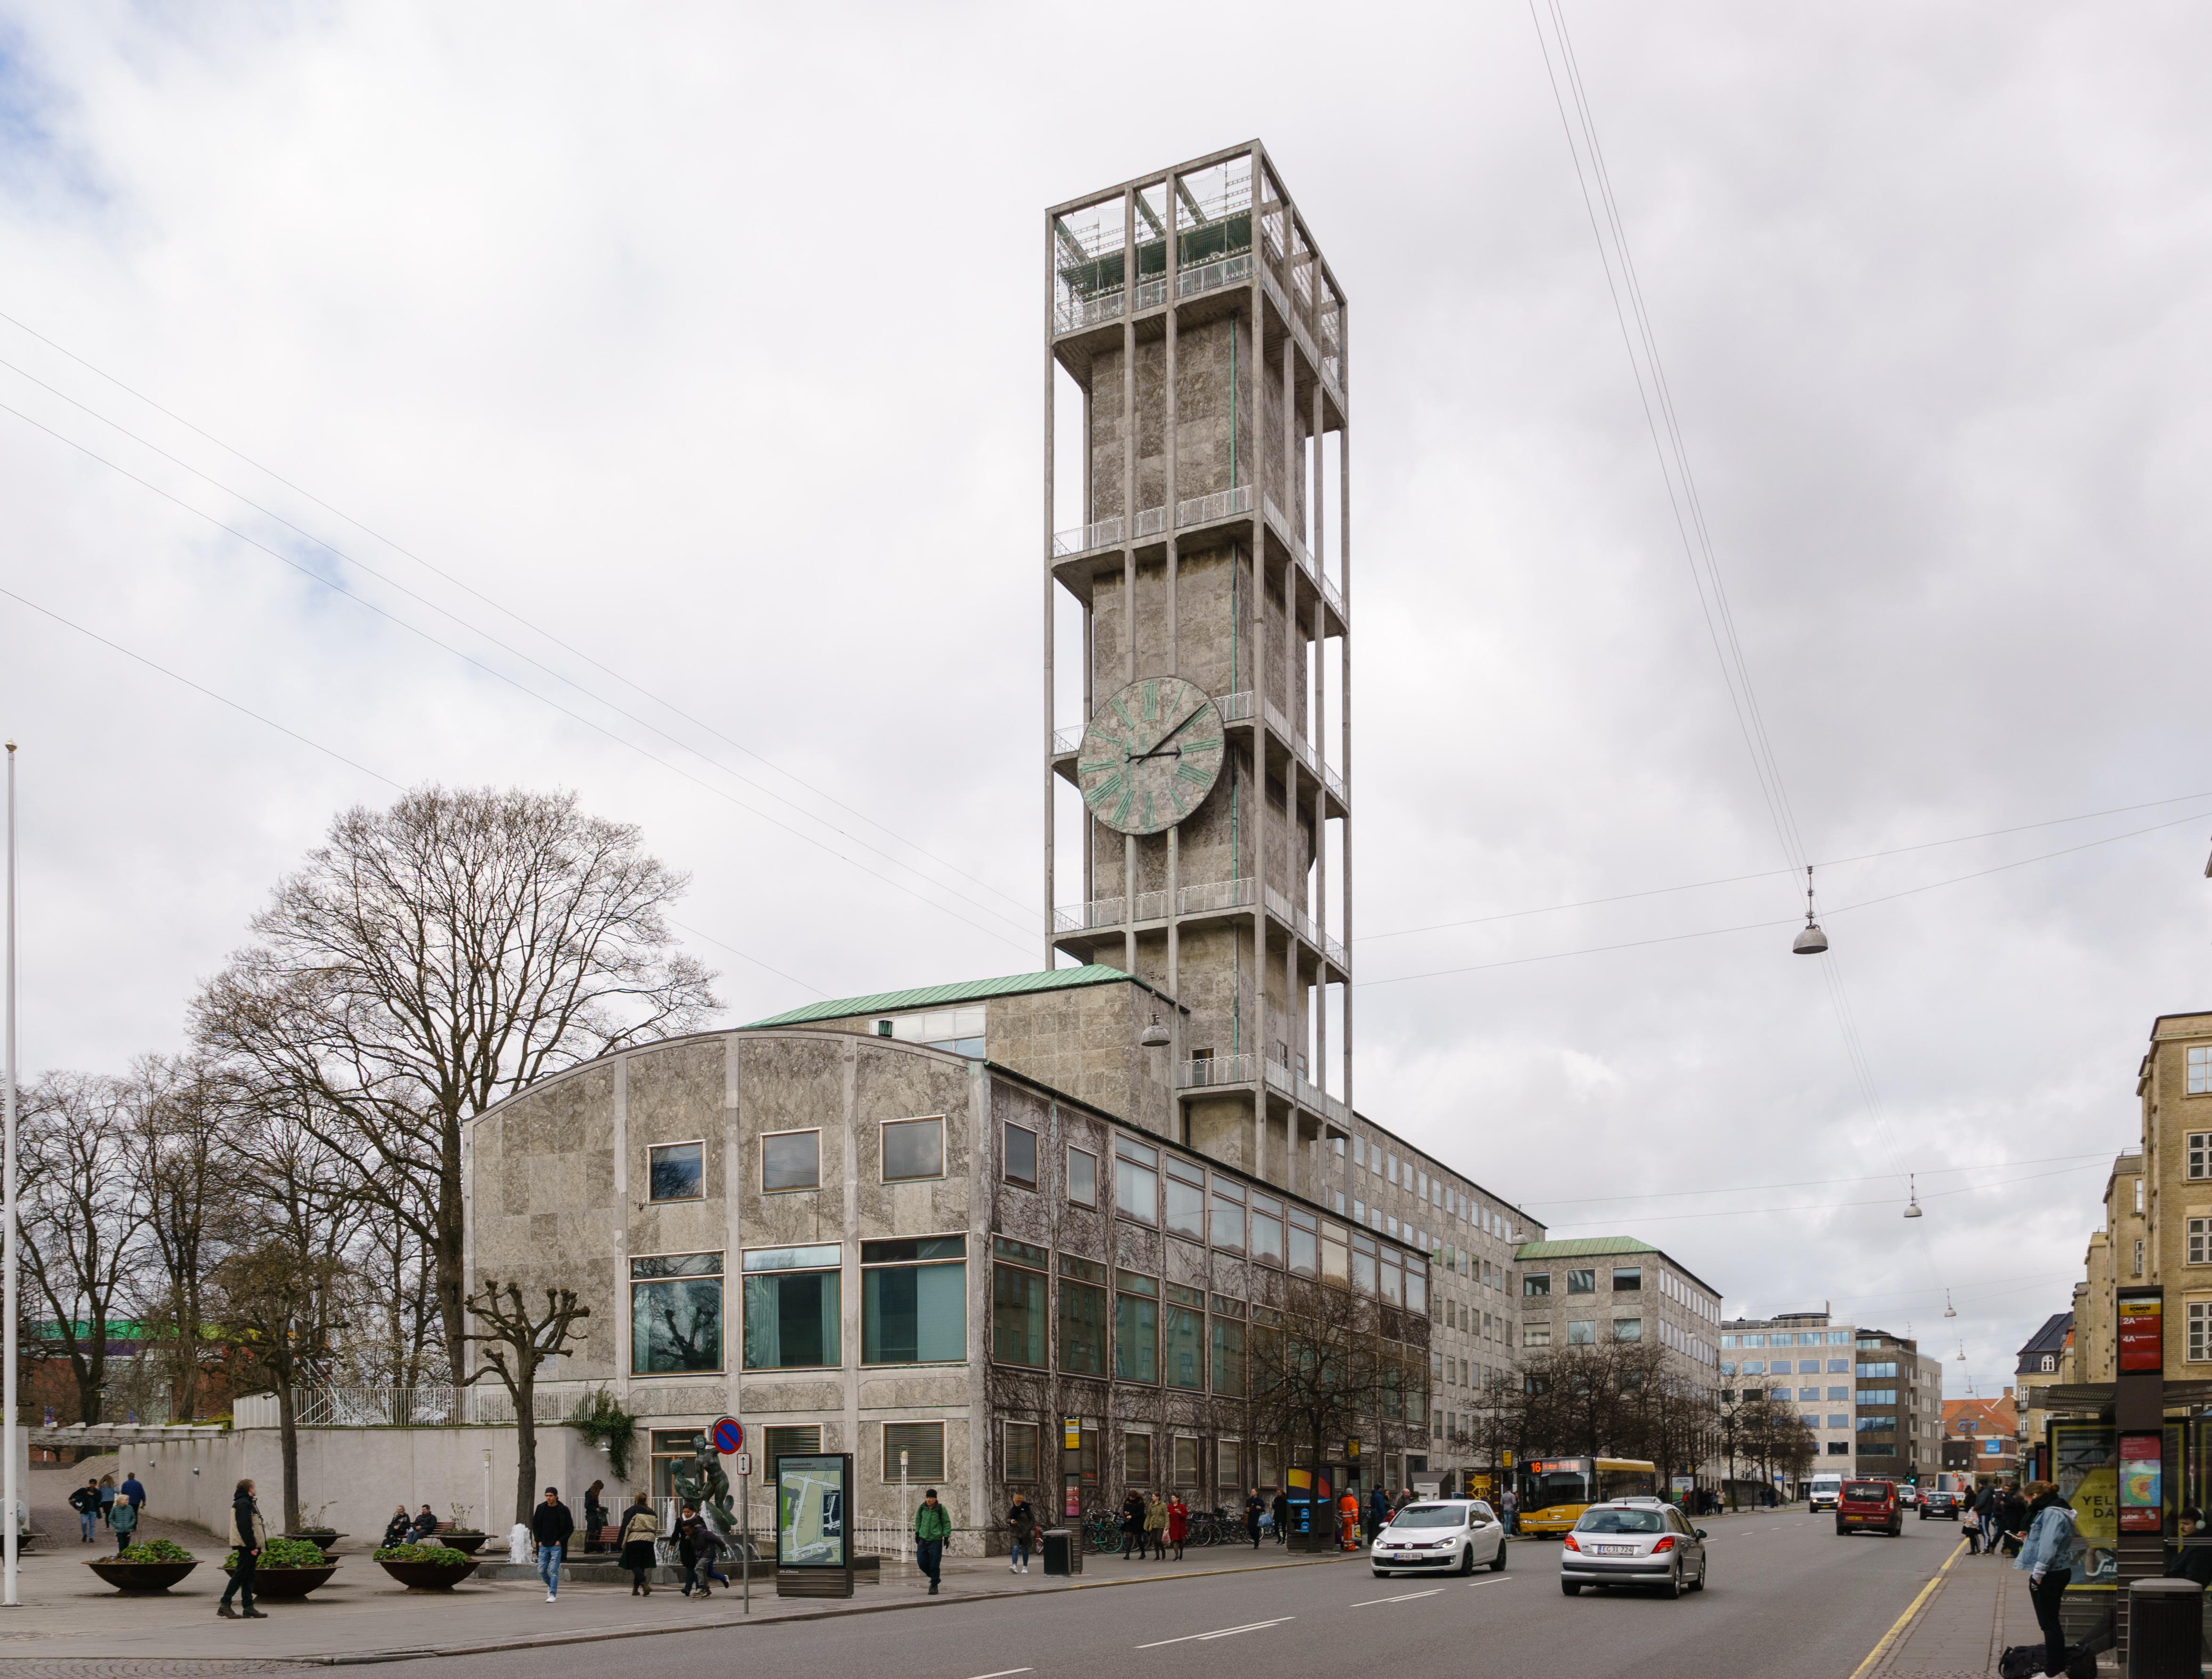 Aarhus City Hall, Denmark (1941) by Arne Jacobsen and Erik Møller [4694x3563]